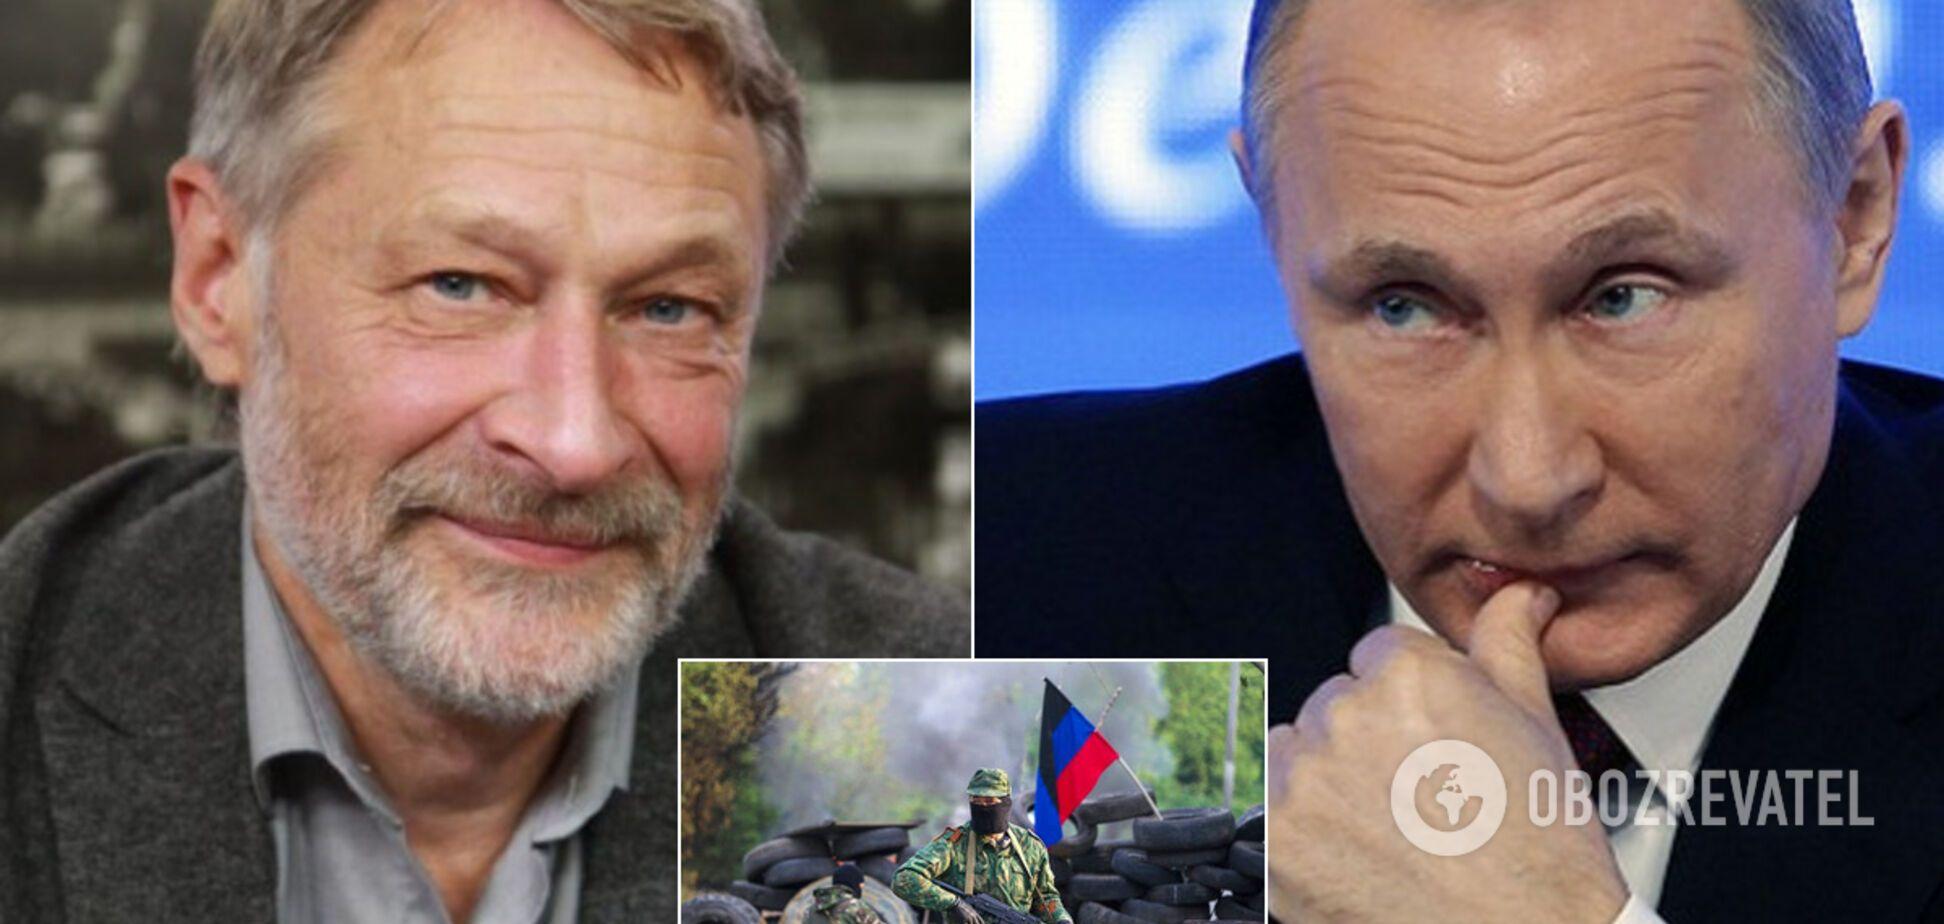 Відомий політексперт заявив, що у Путіна немає ресурсів для нападу на Донбасі